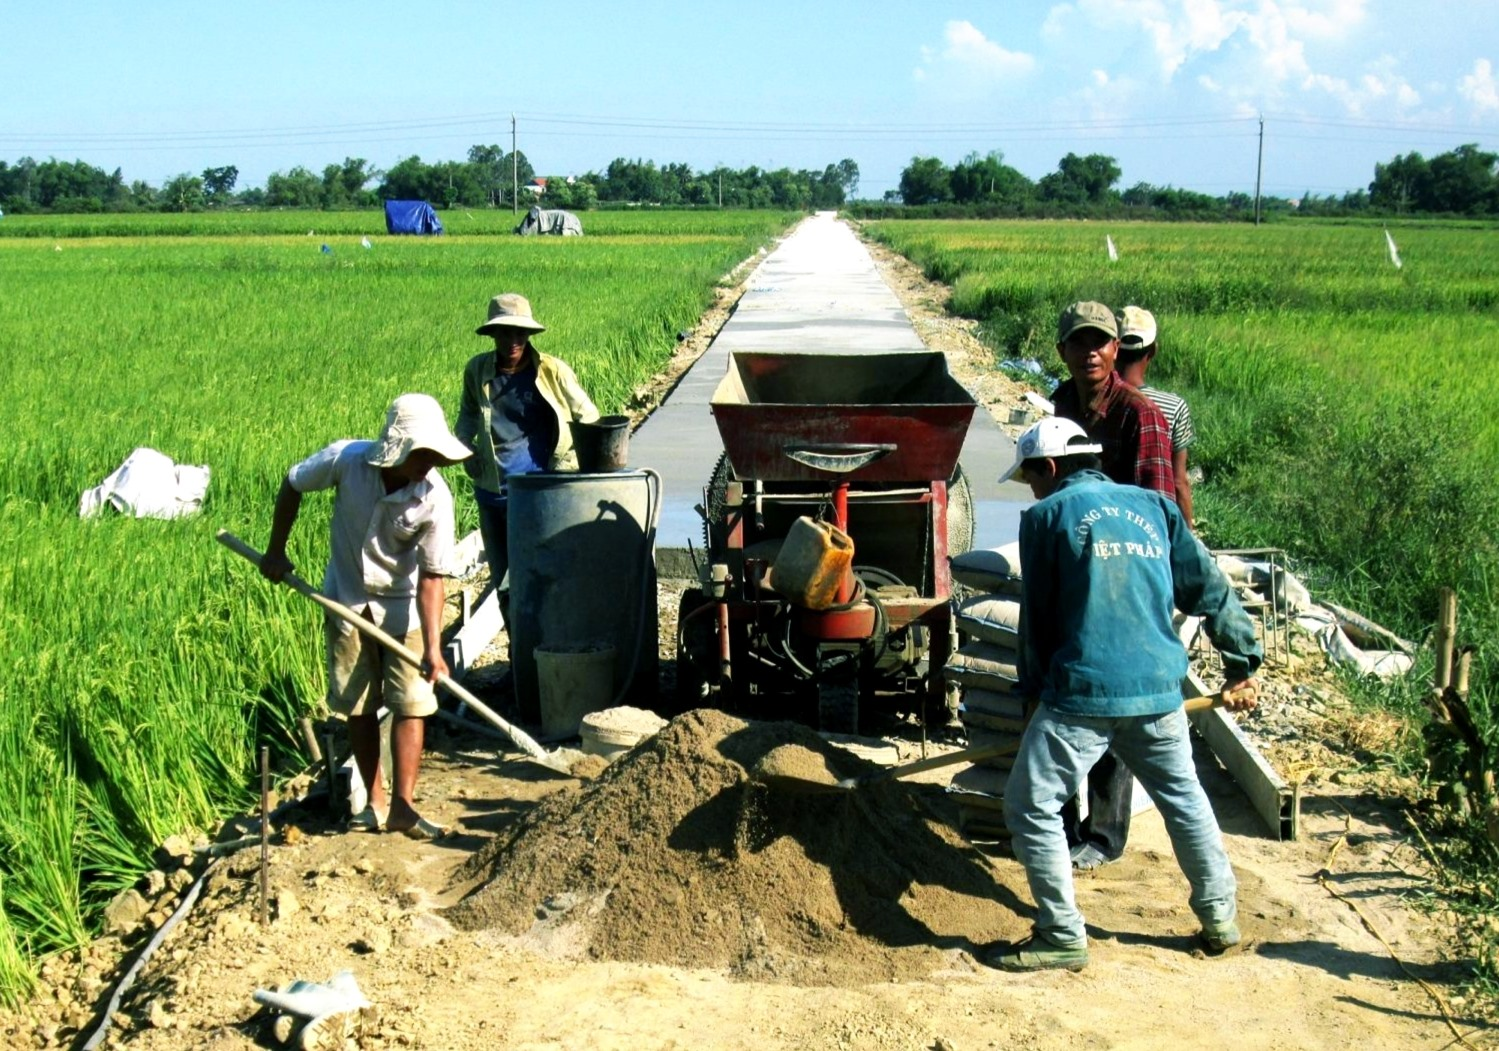 Cần linh hoạt huy động sự đóng góp của nhân dân trong quá trình xây dựng kết cấu hạ tầng nông thôn. Ảnh: N.P